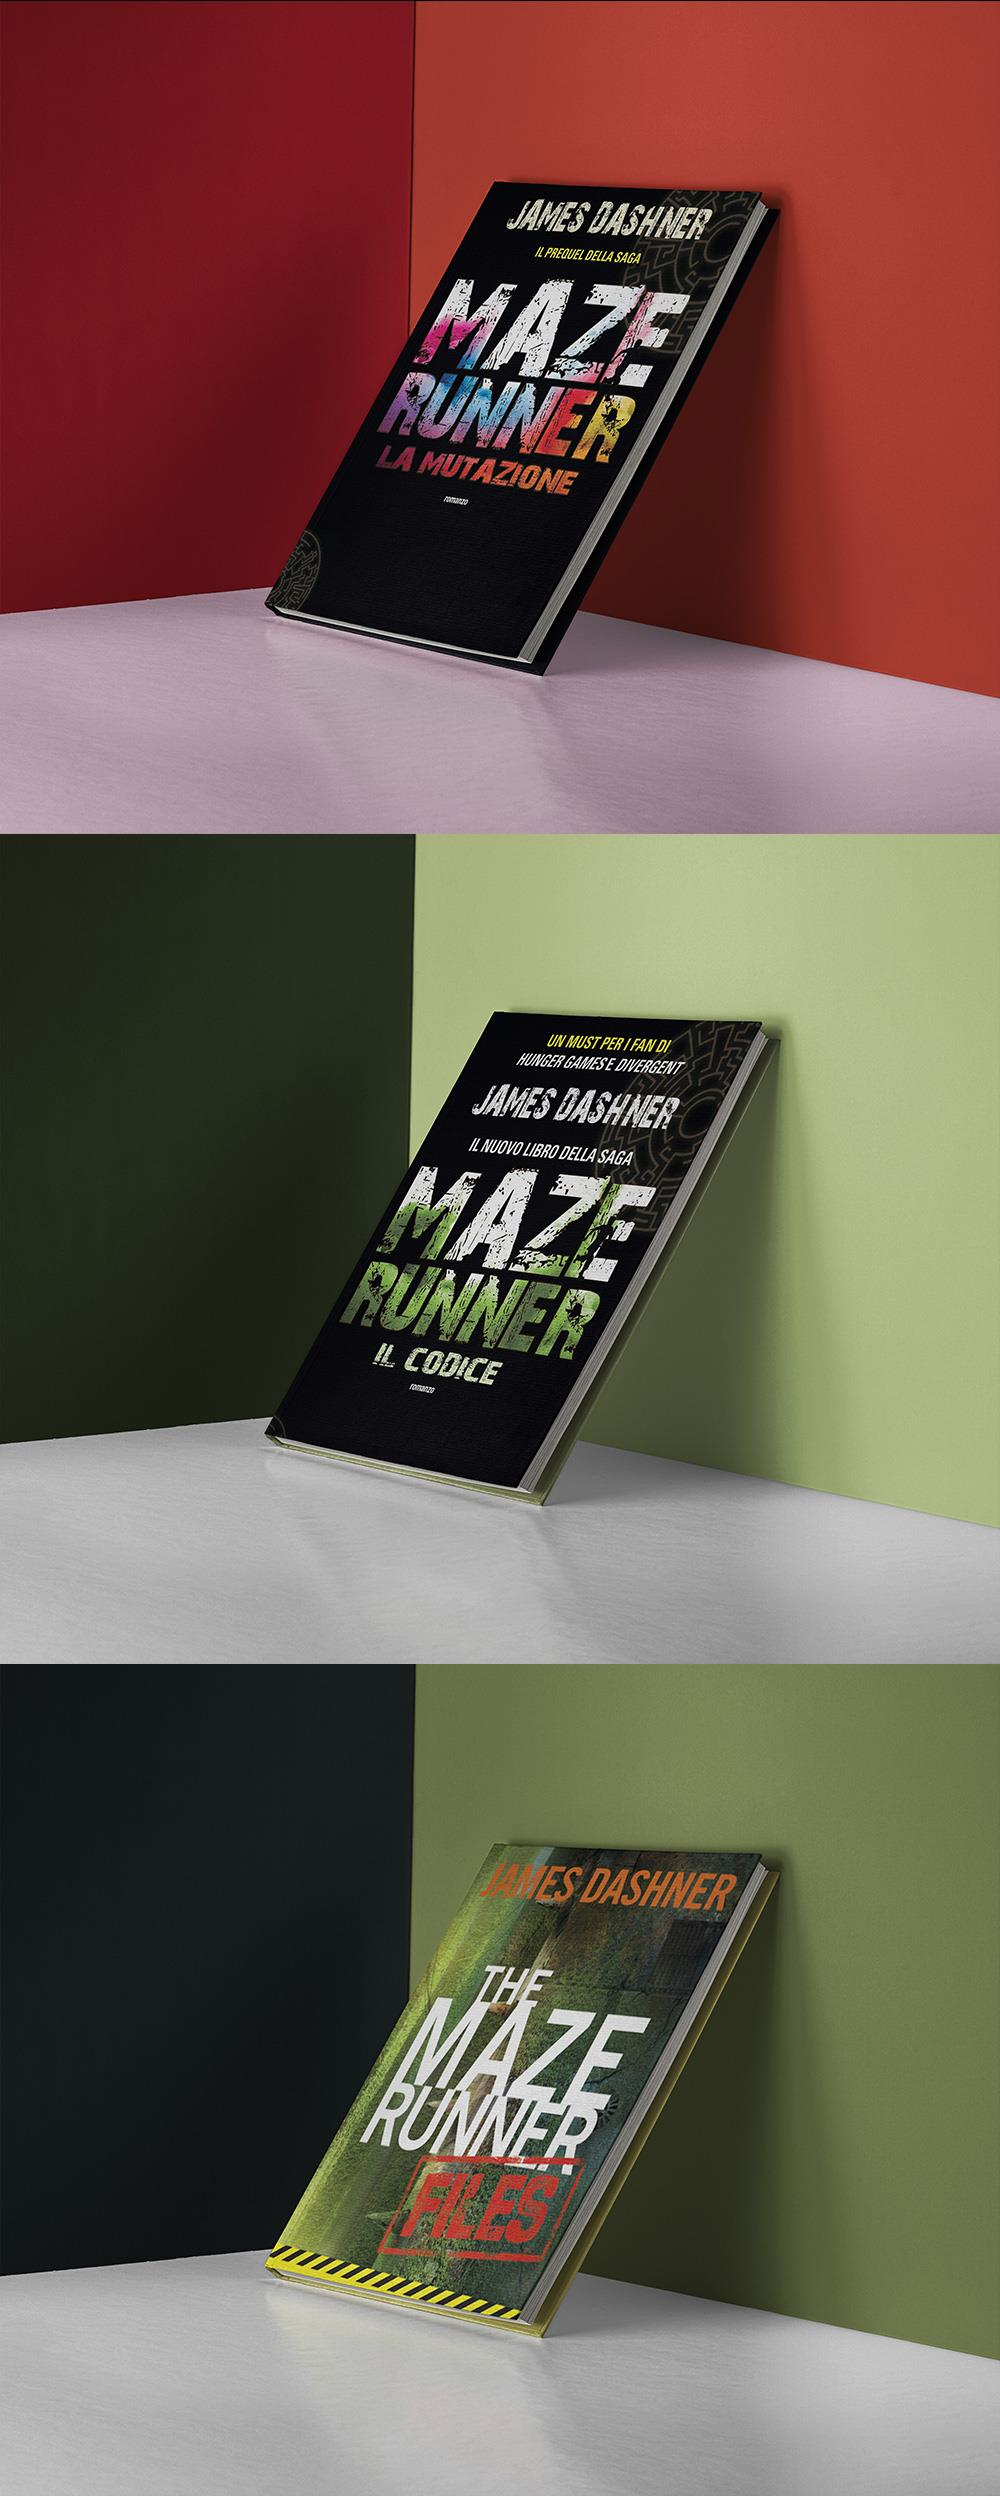 I libri prequel The Maze Runner di James Dashner